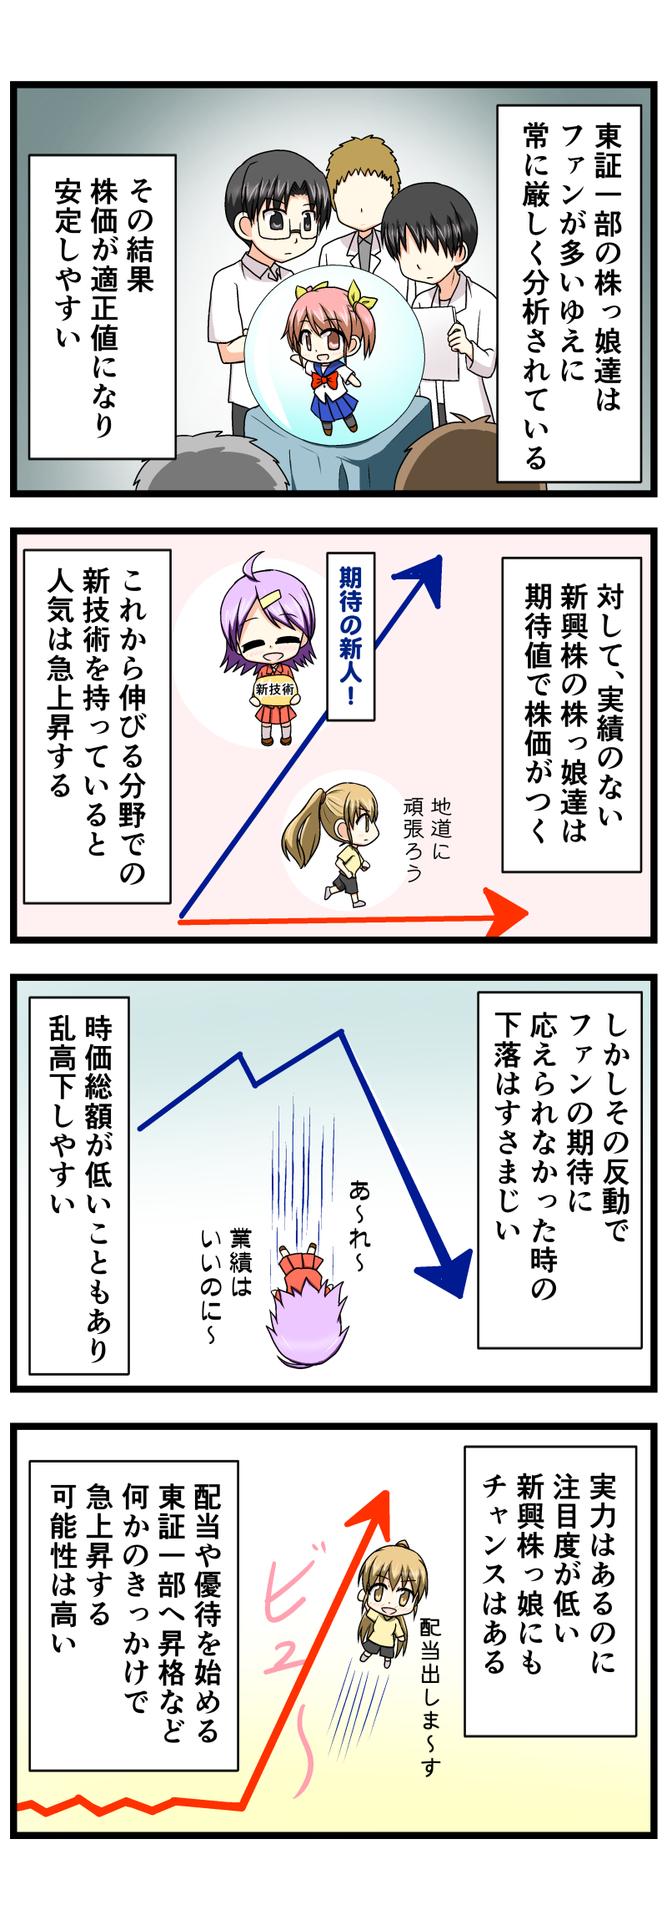 萌える株セミナー62.jpg